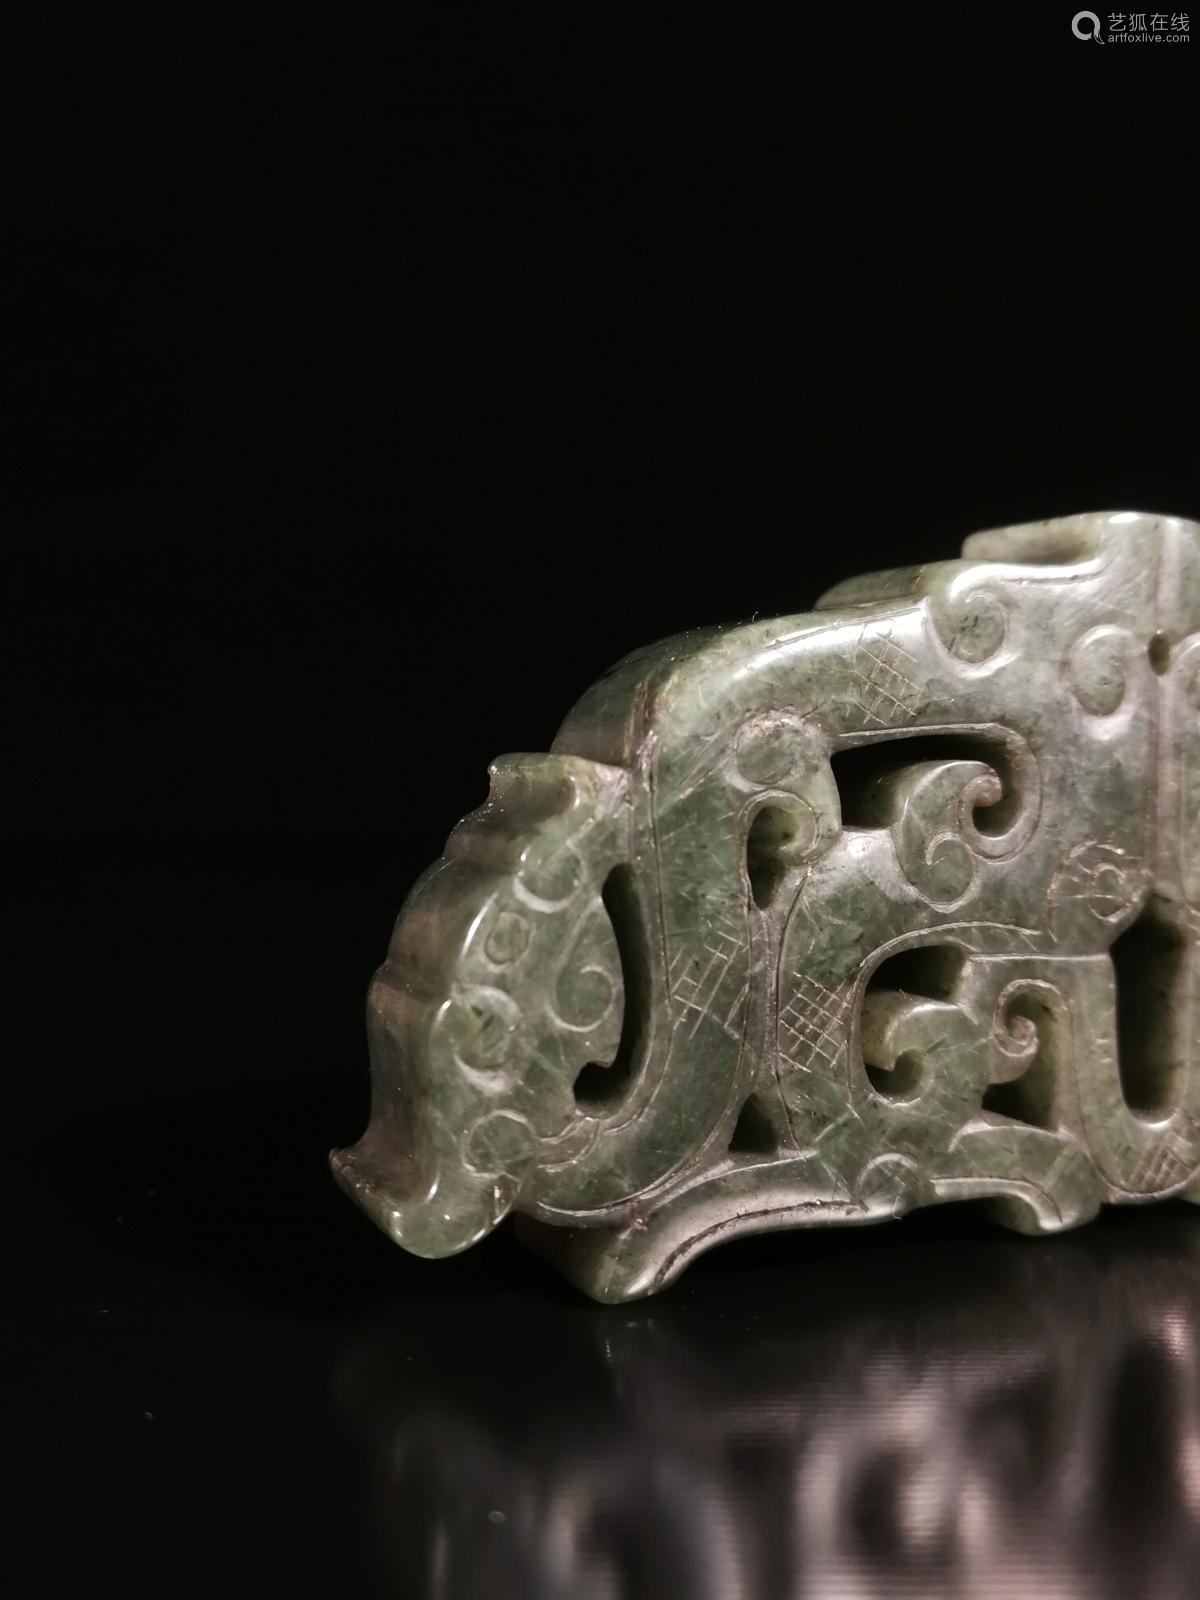 17-19TH CENTURY, A DRAGON PATTERN GREEN CRYSTAL ORNAMENT, QING DYNASTY